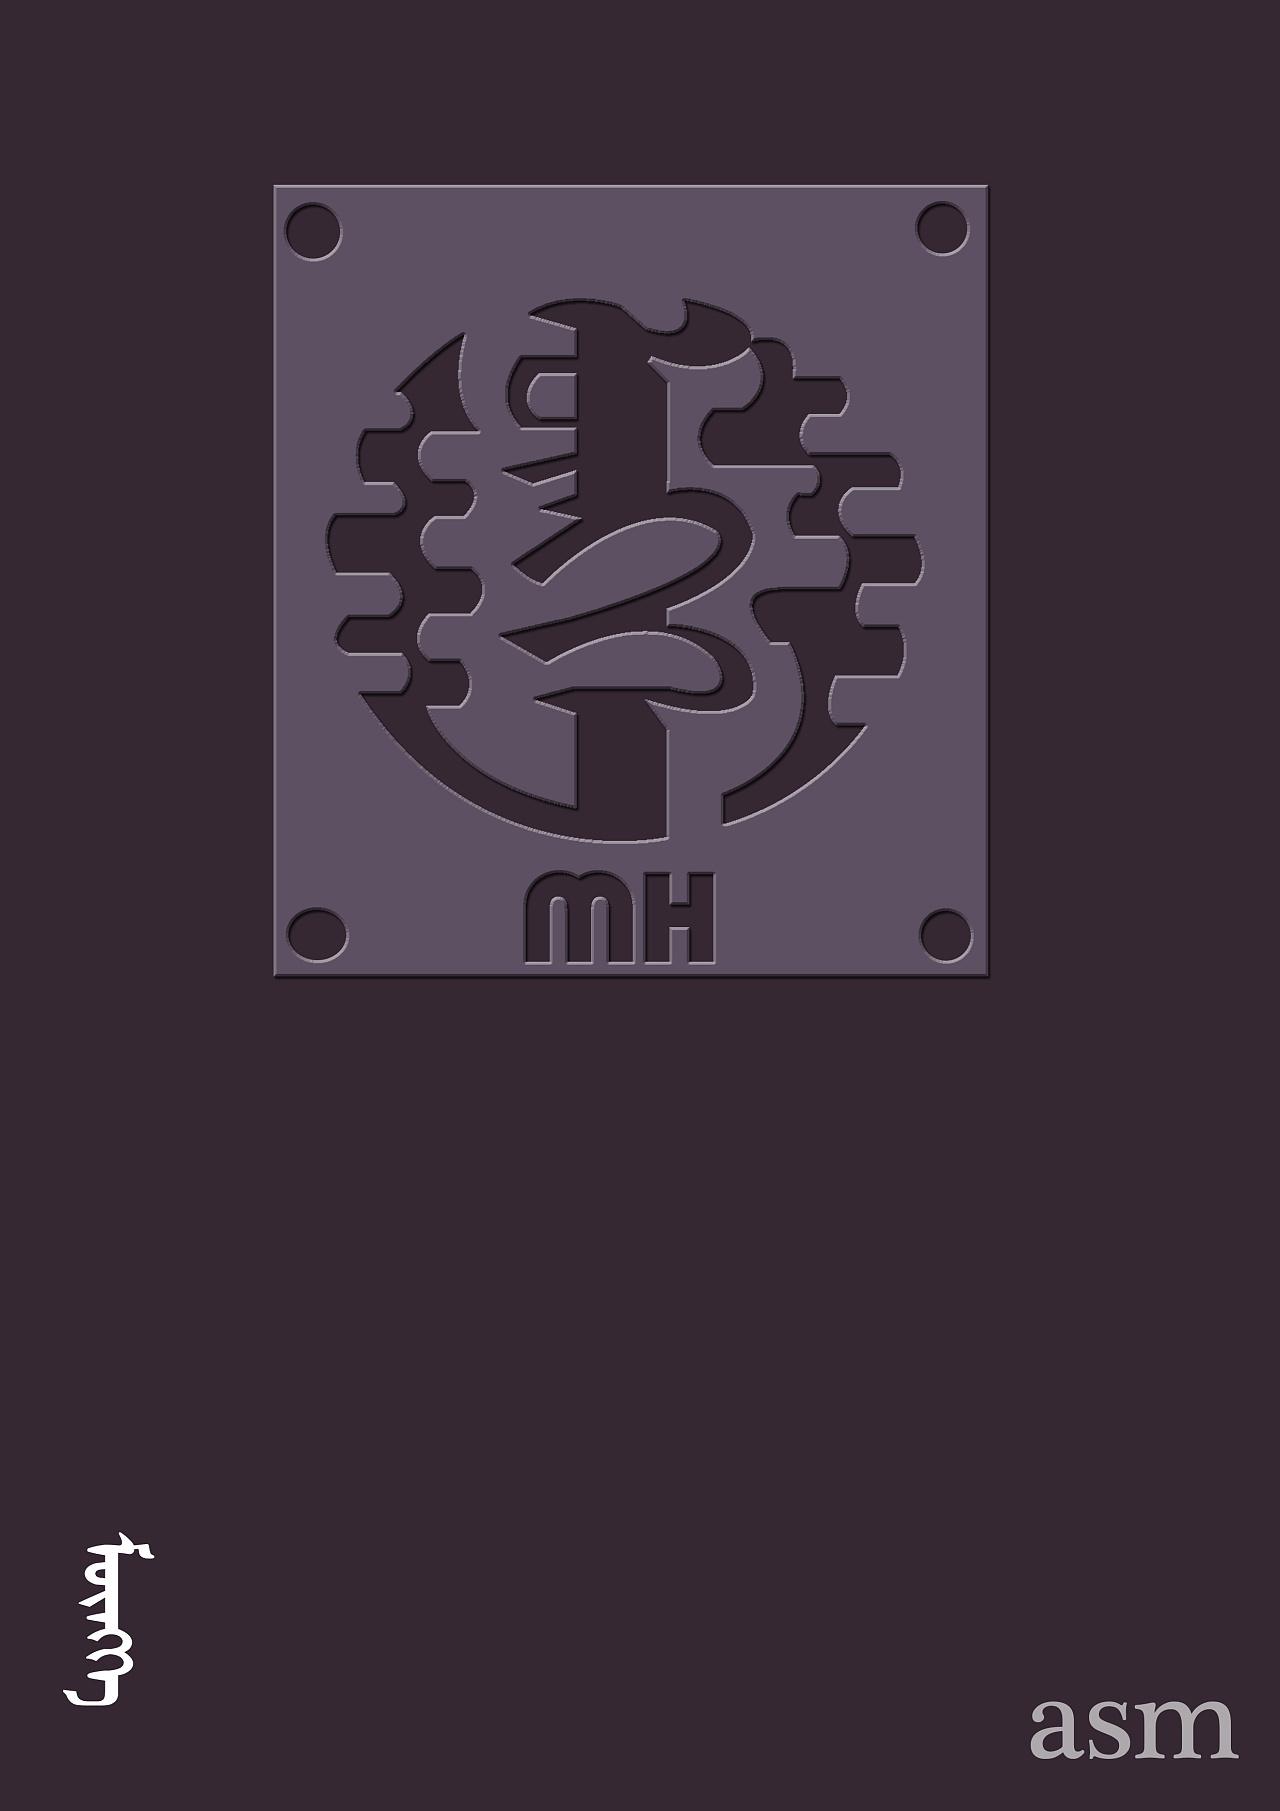 蒙古艺术文字3 -阿斯玛设计 第6张 蒙古艺术文字3 -阿斯玛设计 蒙古设计